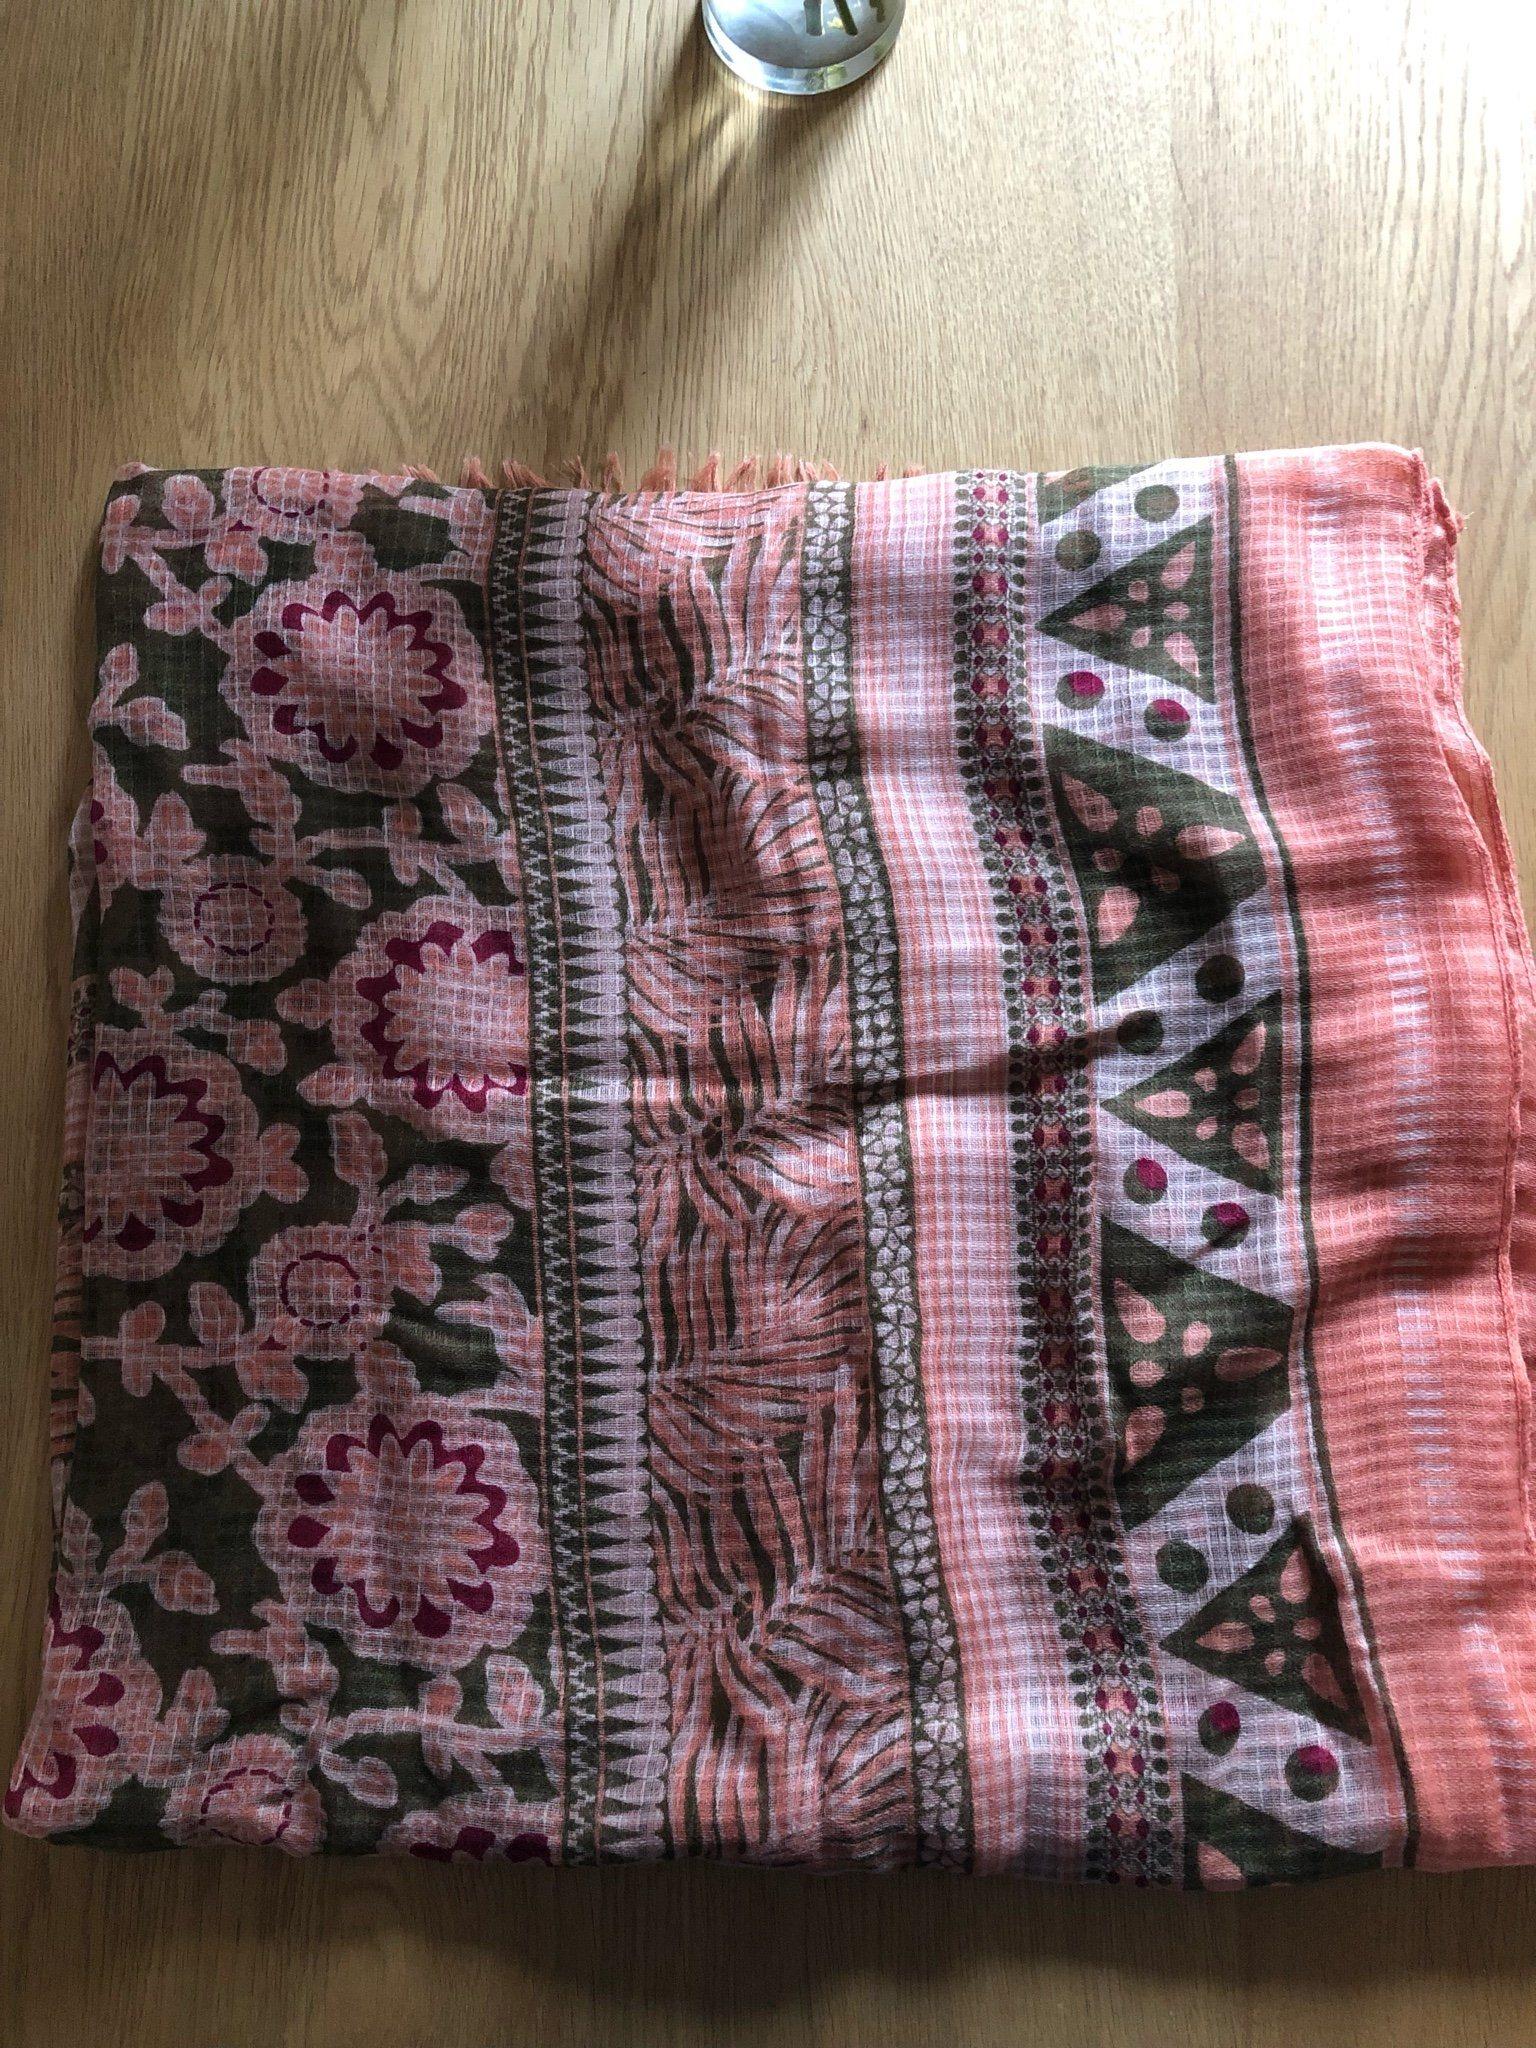 Sjal halsduk scarfs (340140596) ᐈ Köp på Tradera 852058f7fd8cb